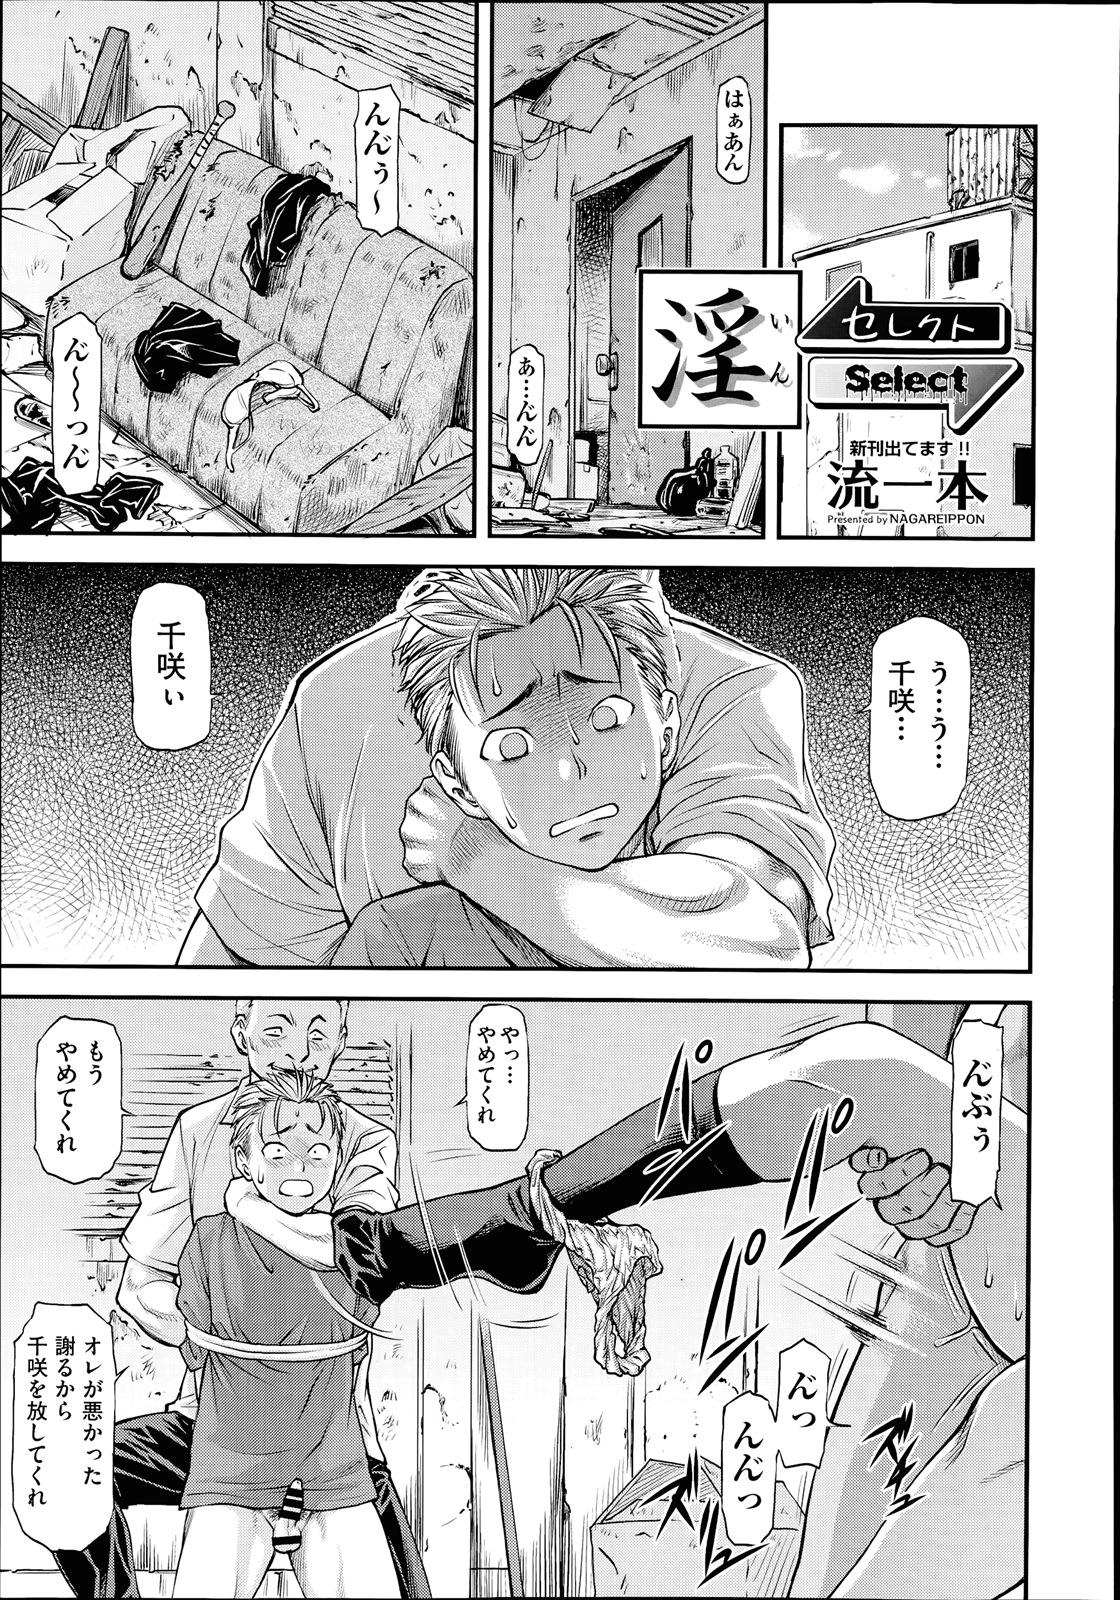 【エロ漫画】幼馴染が目の前でレイプされると、快楽堕ちした彼女は二穴同時にハメられて肉便器になるwww